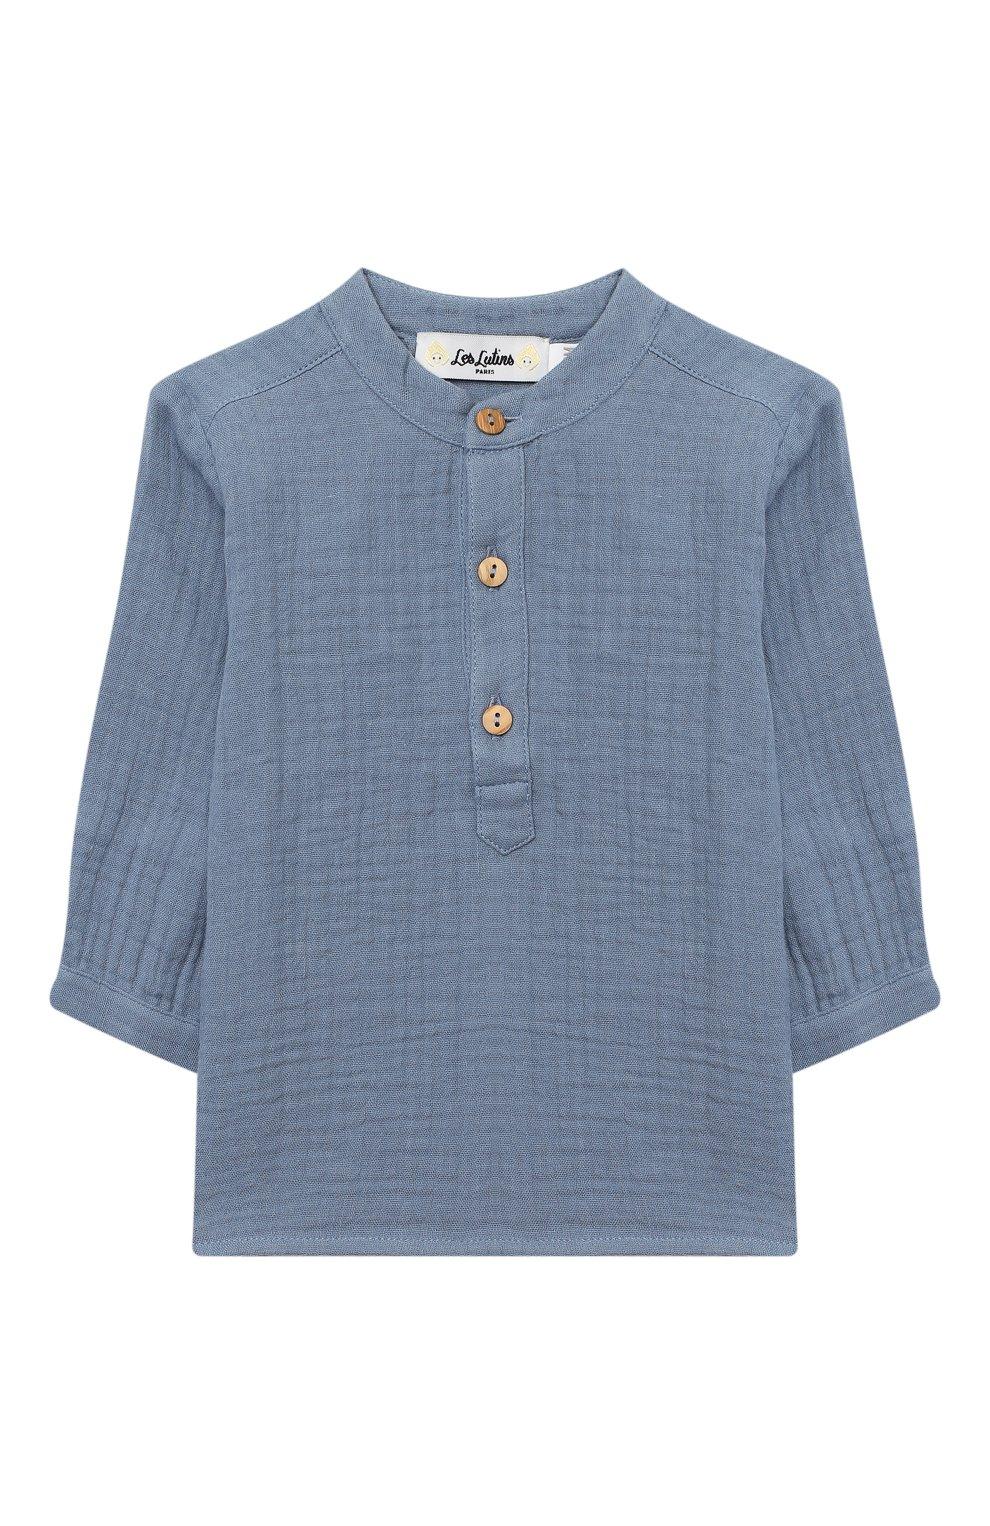 Детский хлопковая блузка LES LUTINS PARIS голубого цвета, арт. 20H336/T0M | Фото 1 (Рукава: Длинные; Материал внешний: Хлопок; Ростовка одежда: 9 мес | 74 см, 18 мес | 86 см, 24 мес | 92 см, 3 мес | 62 см, 6 мес | 68 см)